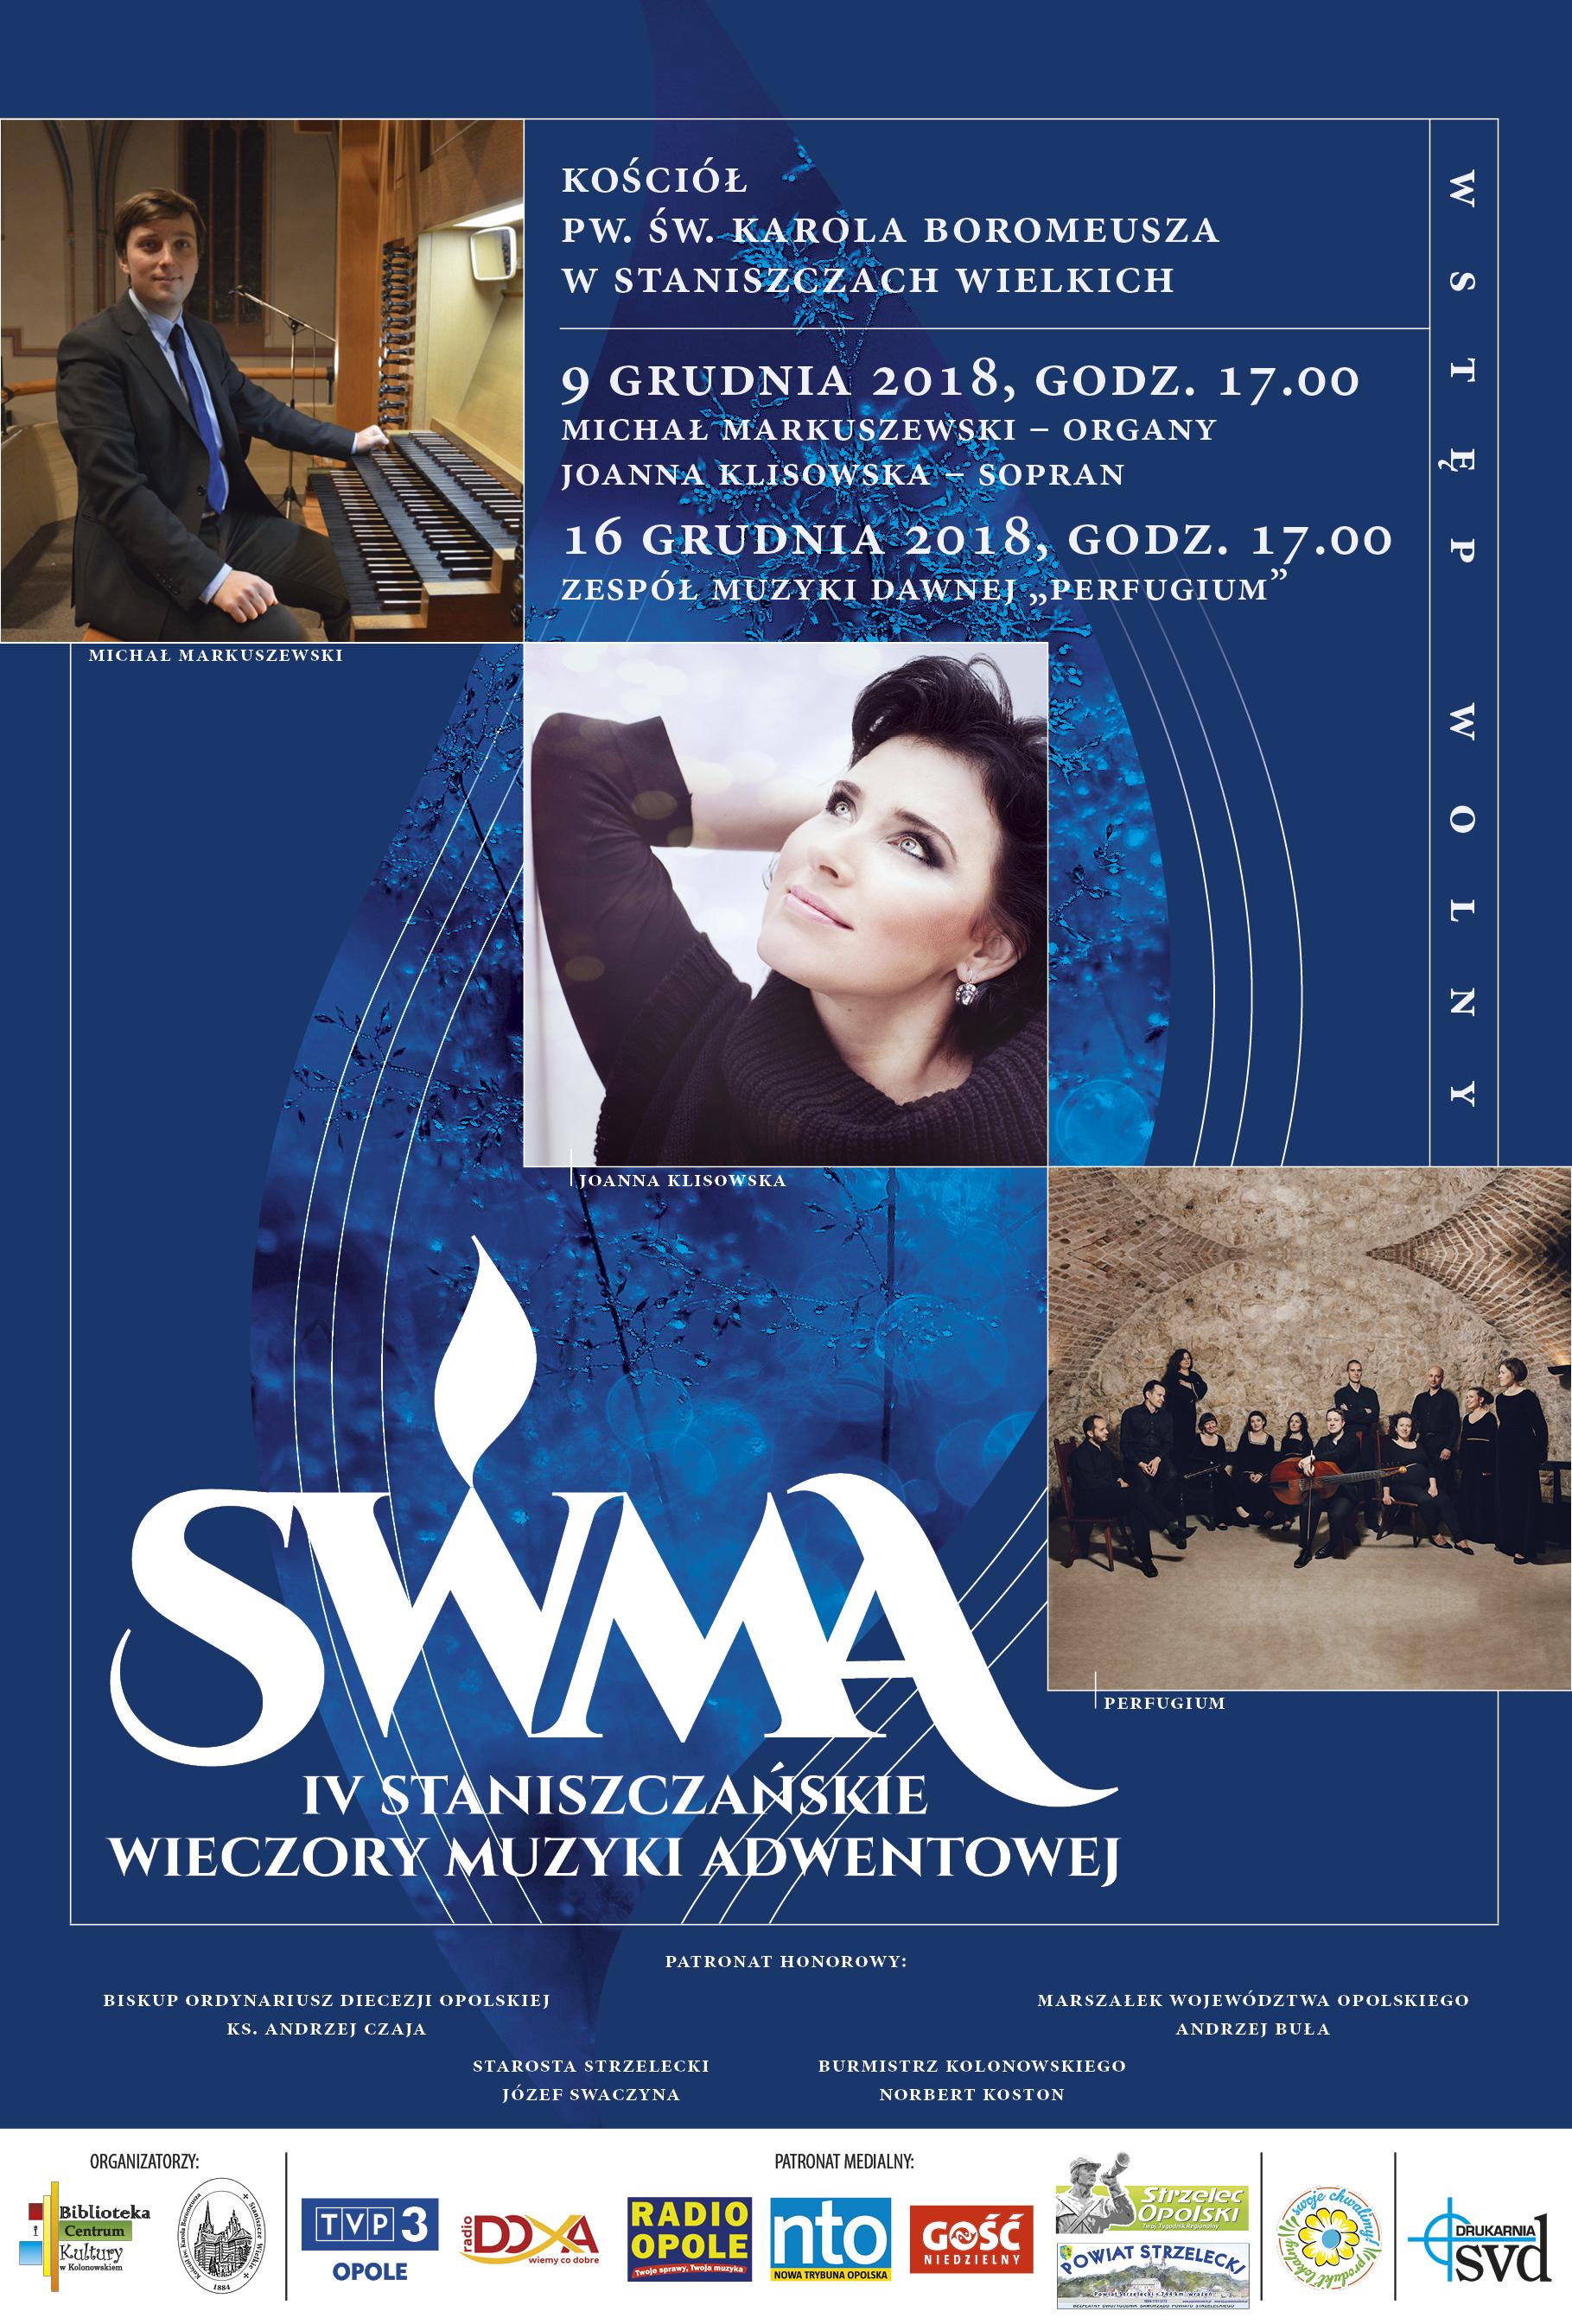 IV Staniszczańskie Wieczory Muzyki Adwentowej